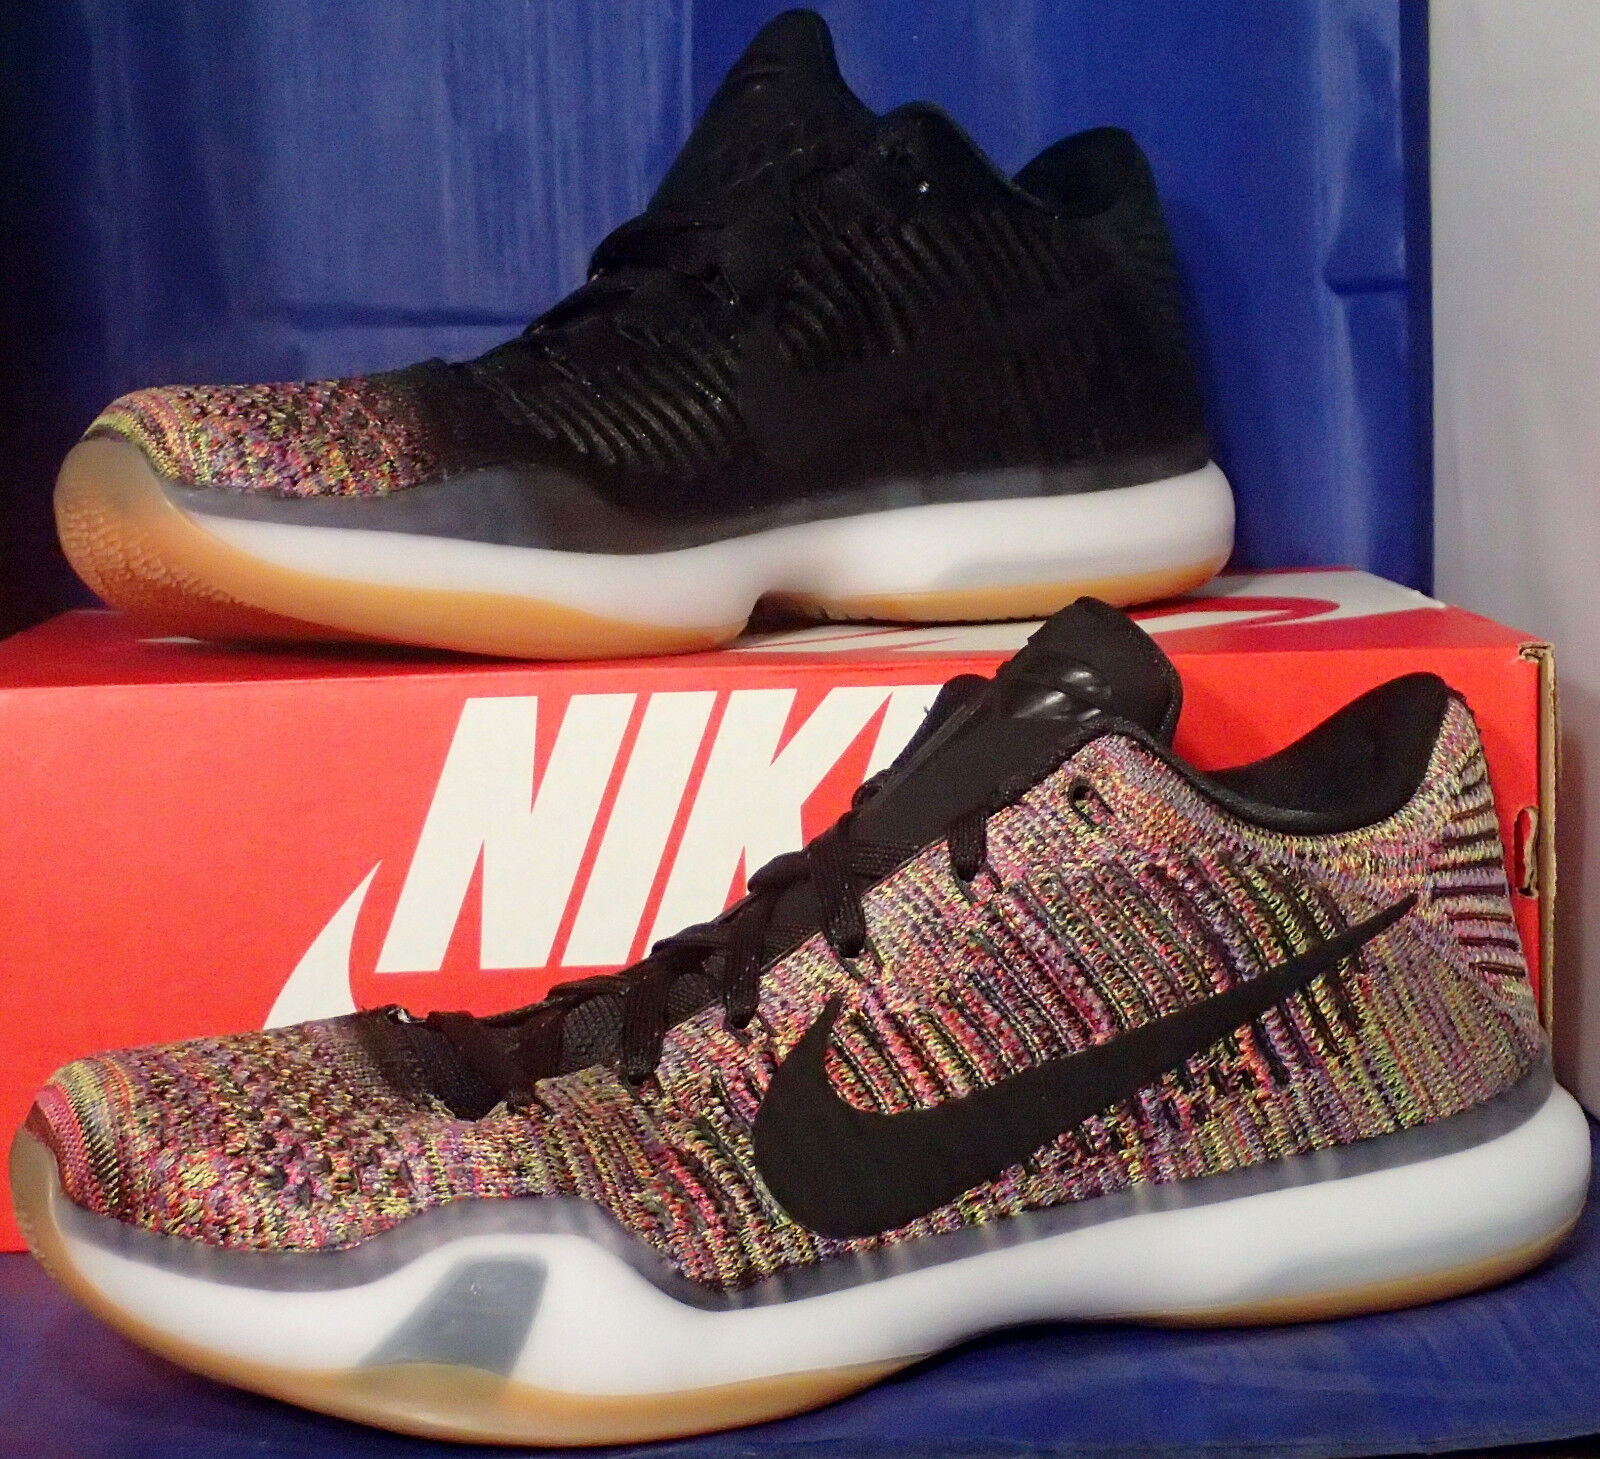 Nike Kobe X 10 Elite Low Flyknit Multicolor 2.0 QS iD SZ 11.5 ( 802817-903 )